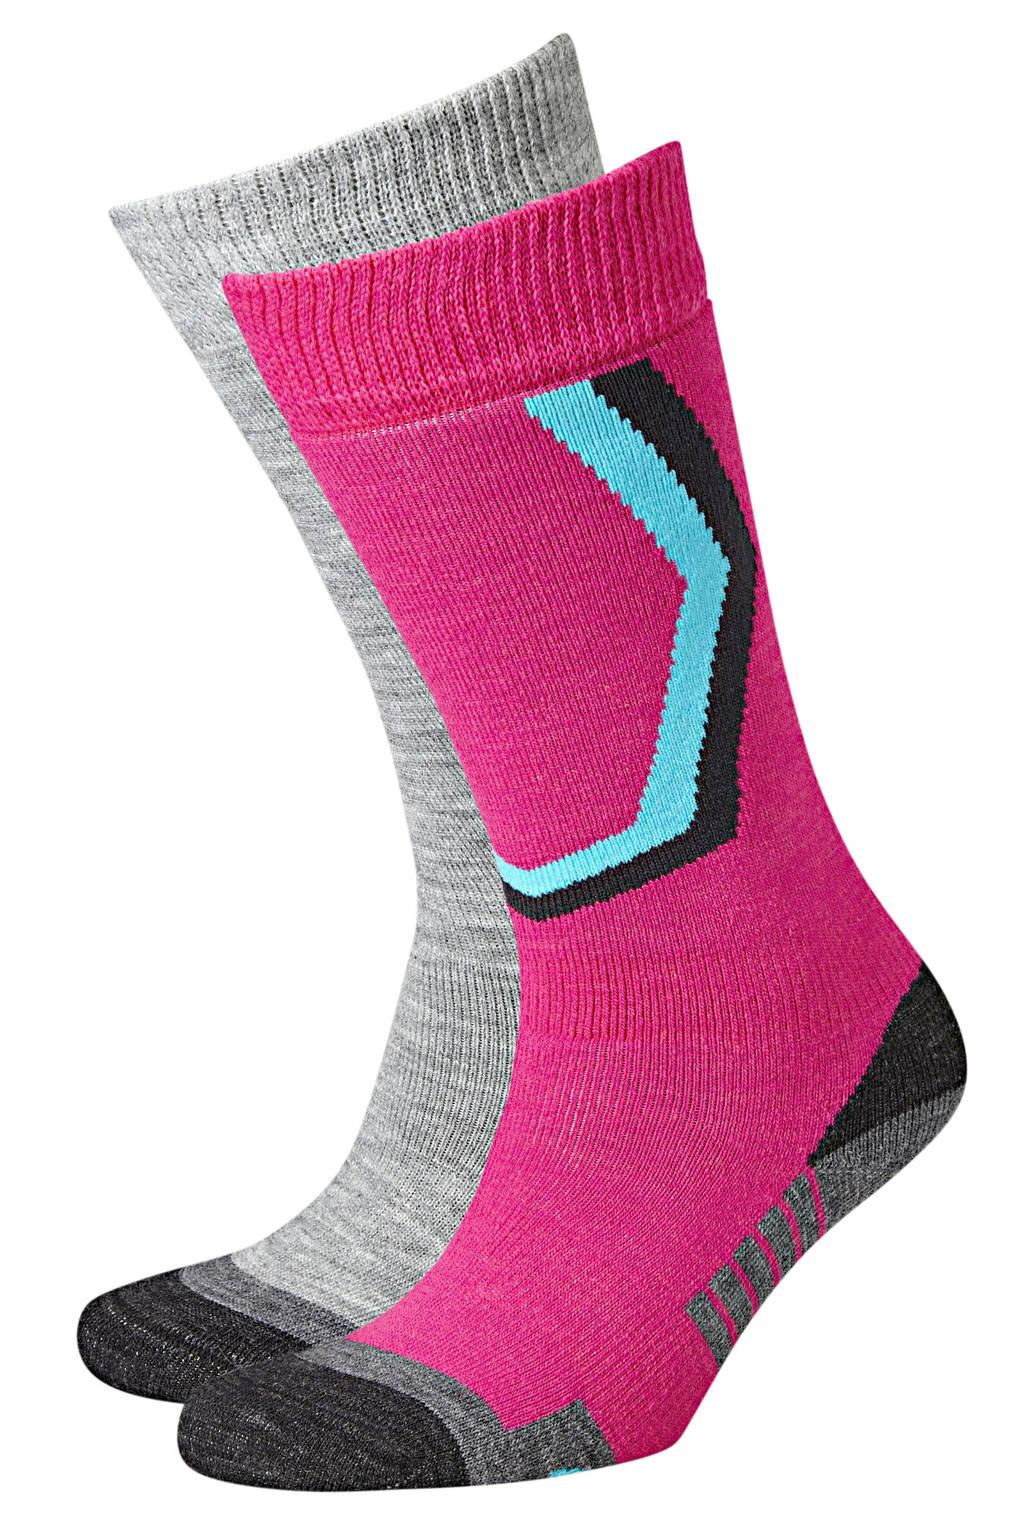 Icepeak skisokken (set van 2) roze/grijs, Roze/grijs